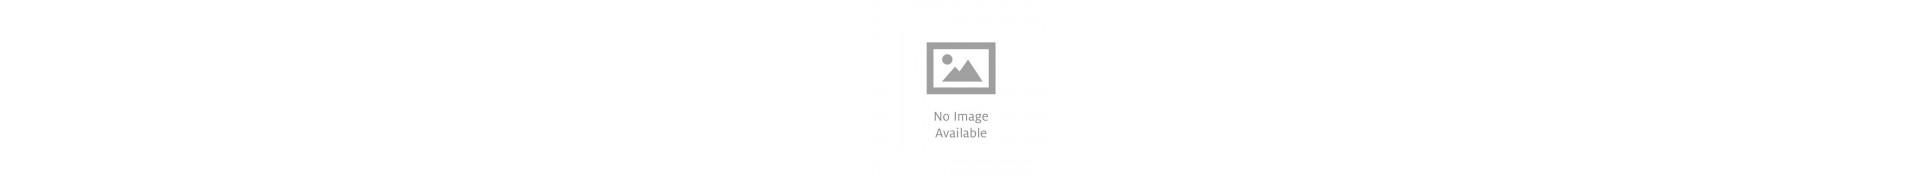 Album accordéon - CALLIGRAPHIE - Ref: BLO-40 - F:13 x 9 Cm - Couverture tissu iriisé or